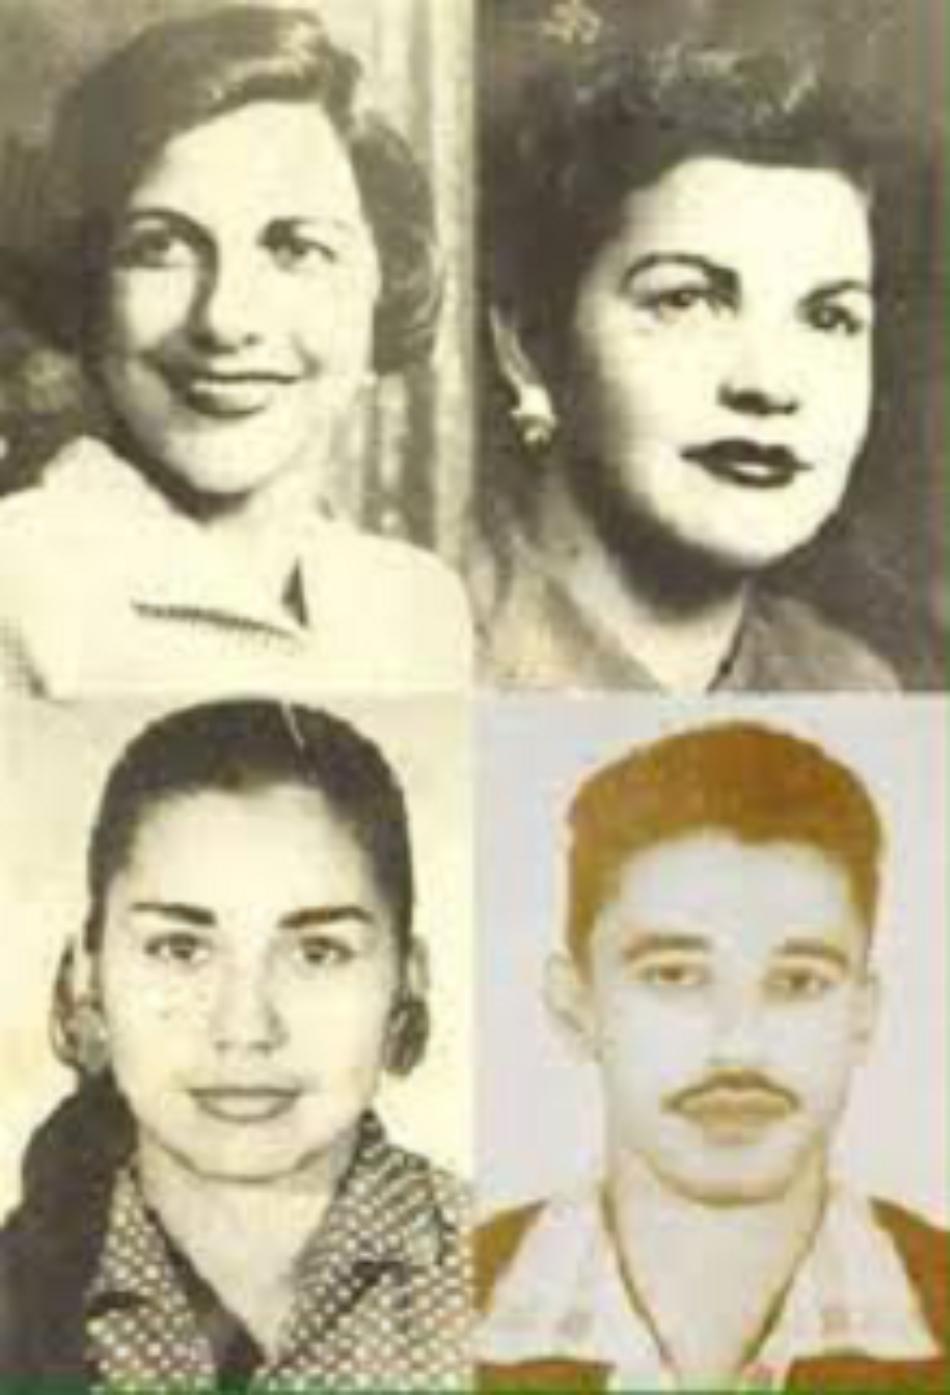 Contexto, impacto y trascendencia del asesinato de las hermanas Mirabal